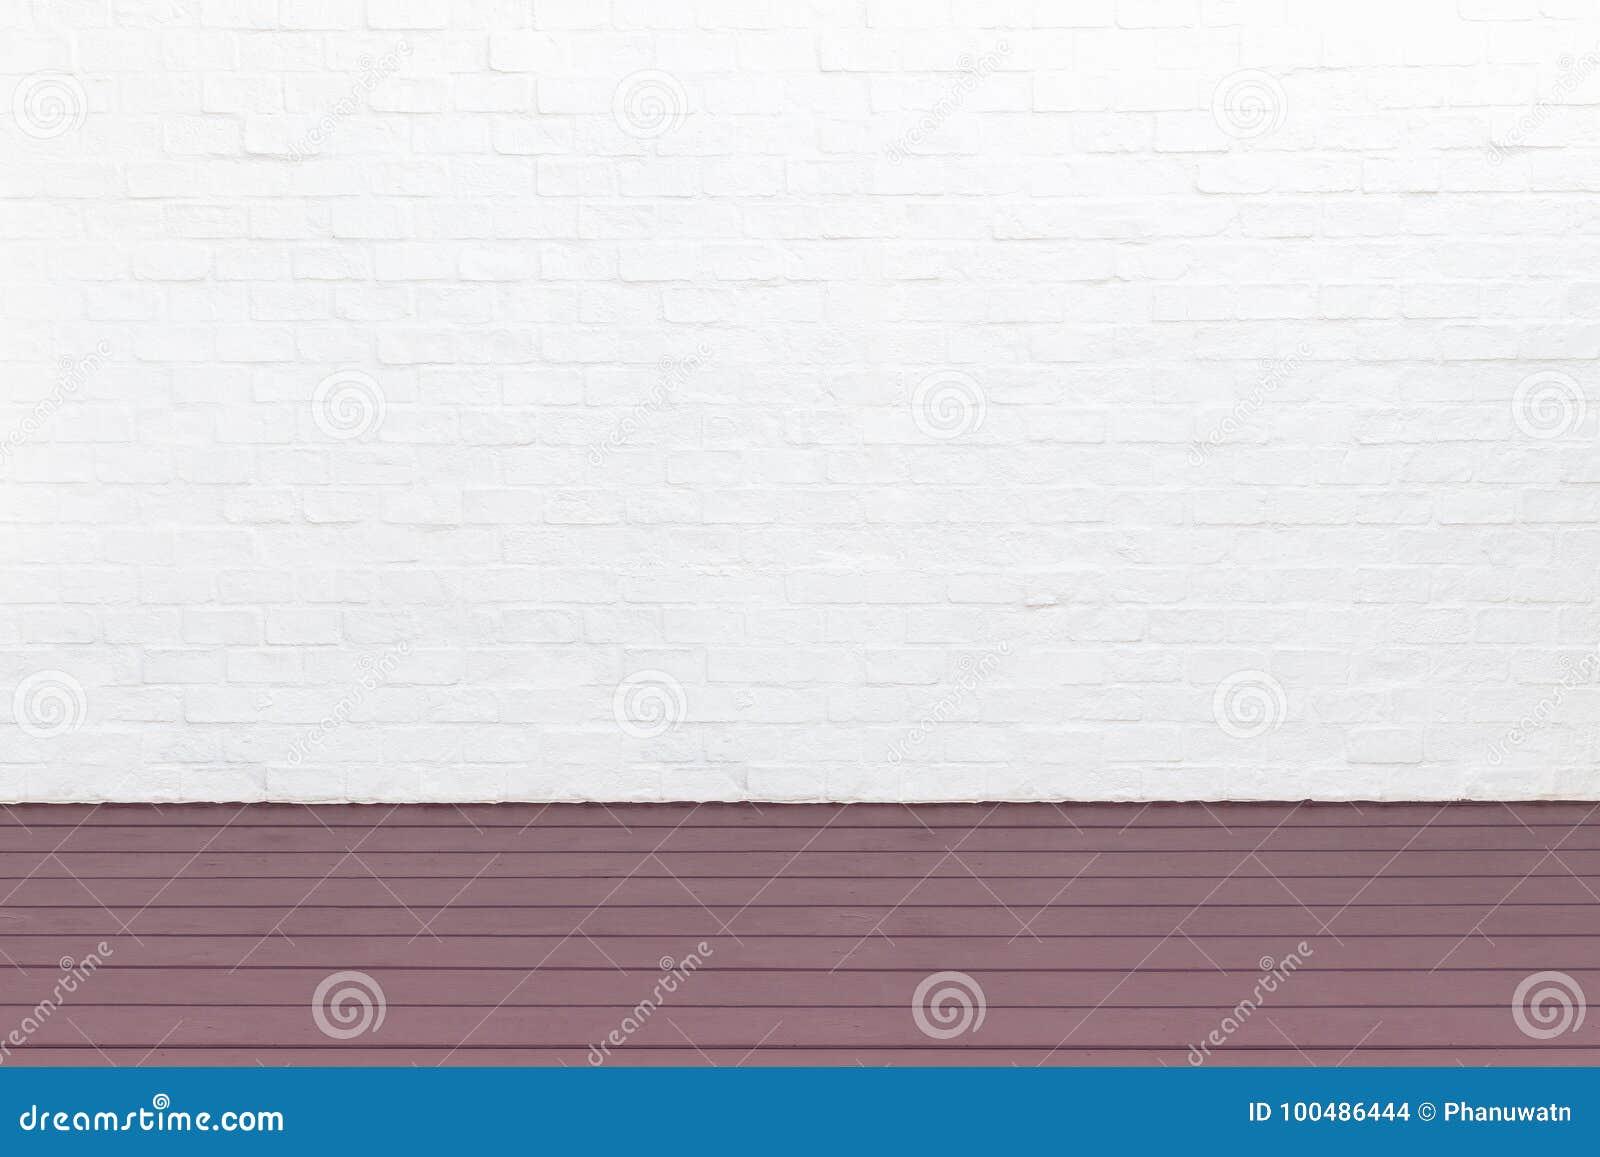 Piso de madera exterior del decking y pared de ladrillo blanca Diciembre abstracto